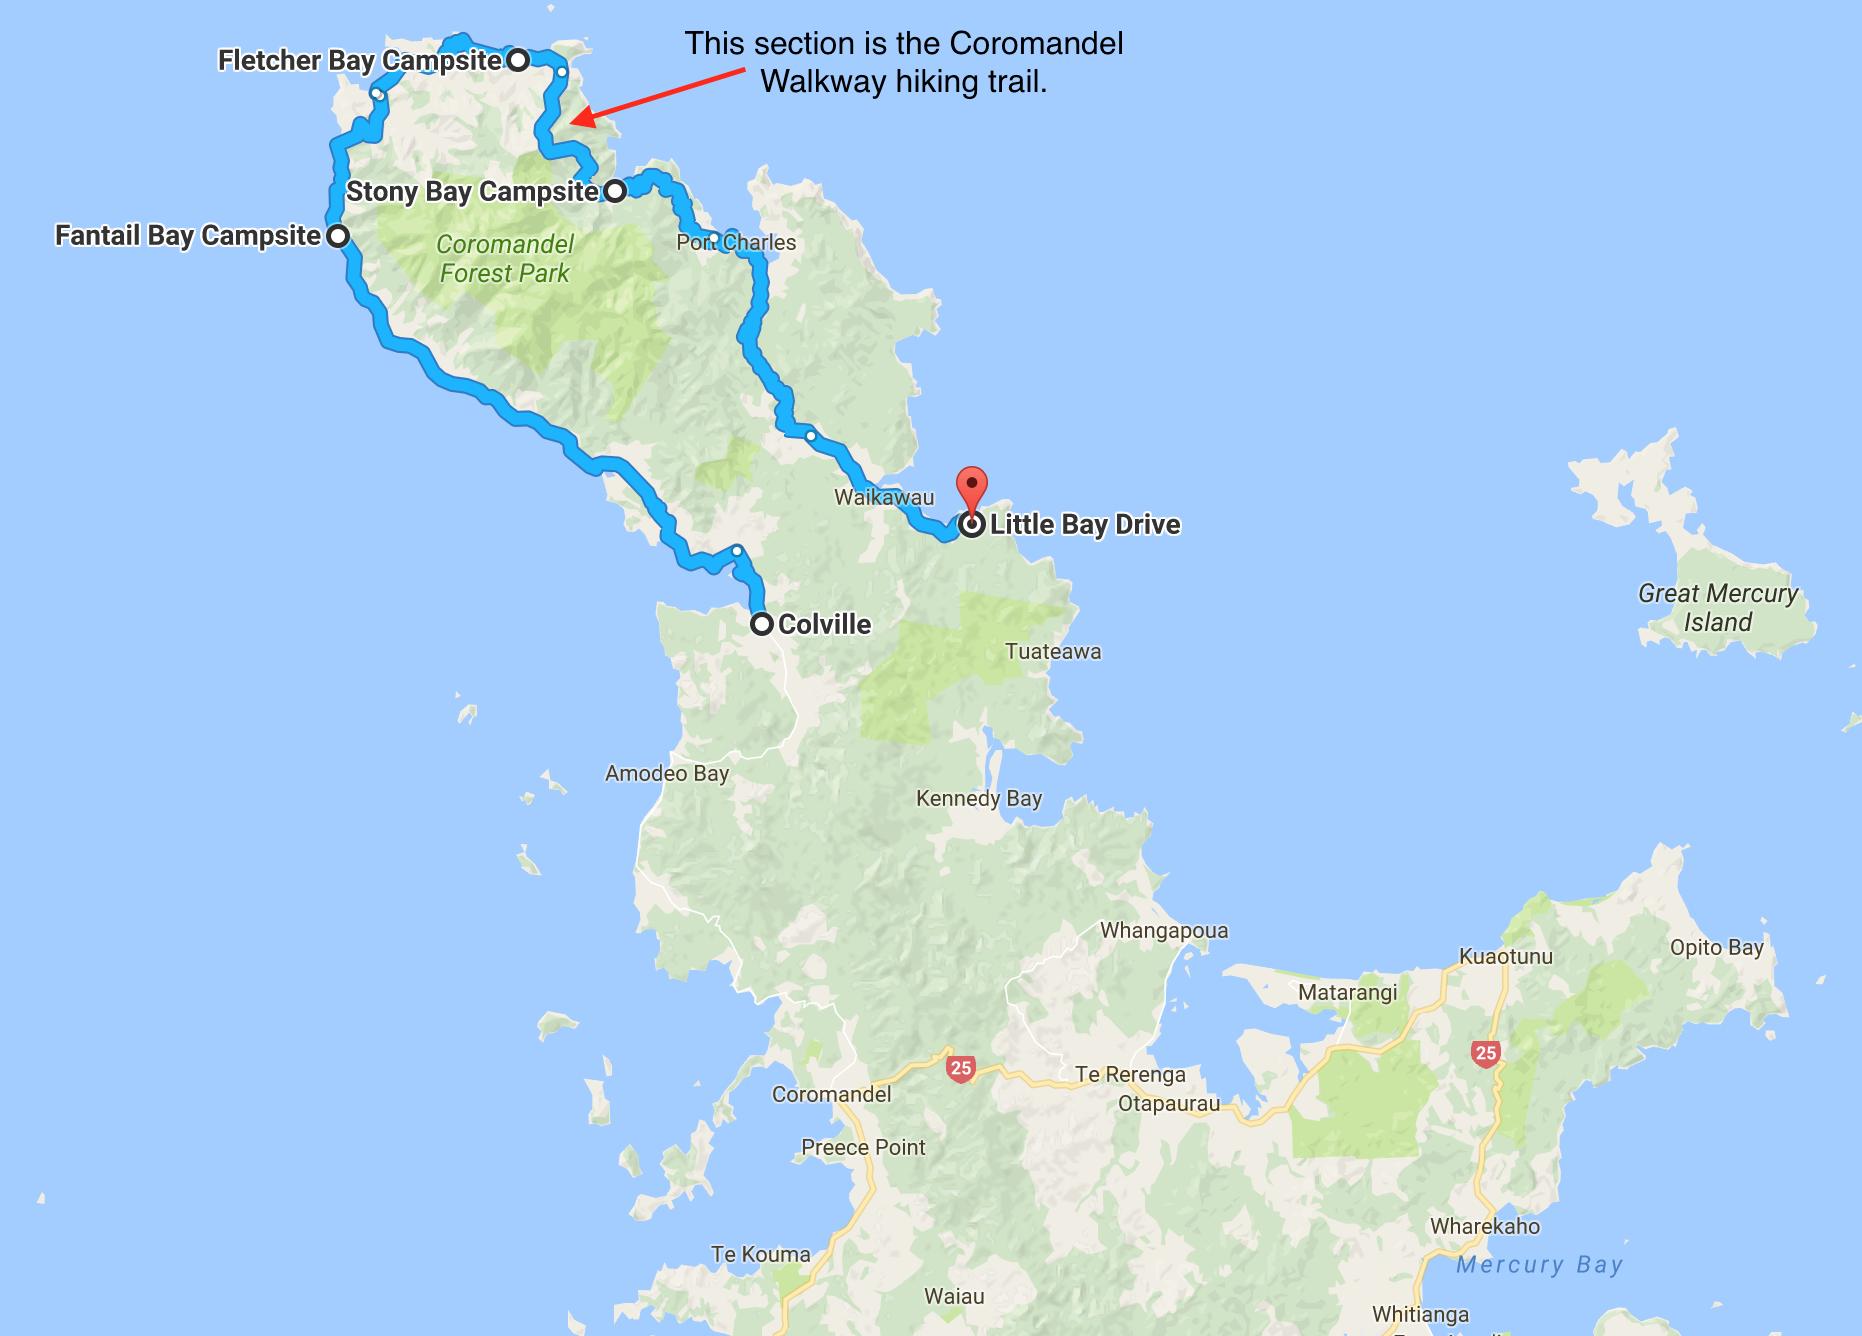 Map of Coromandel